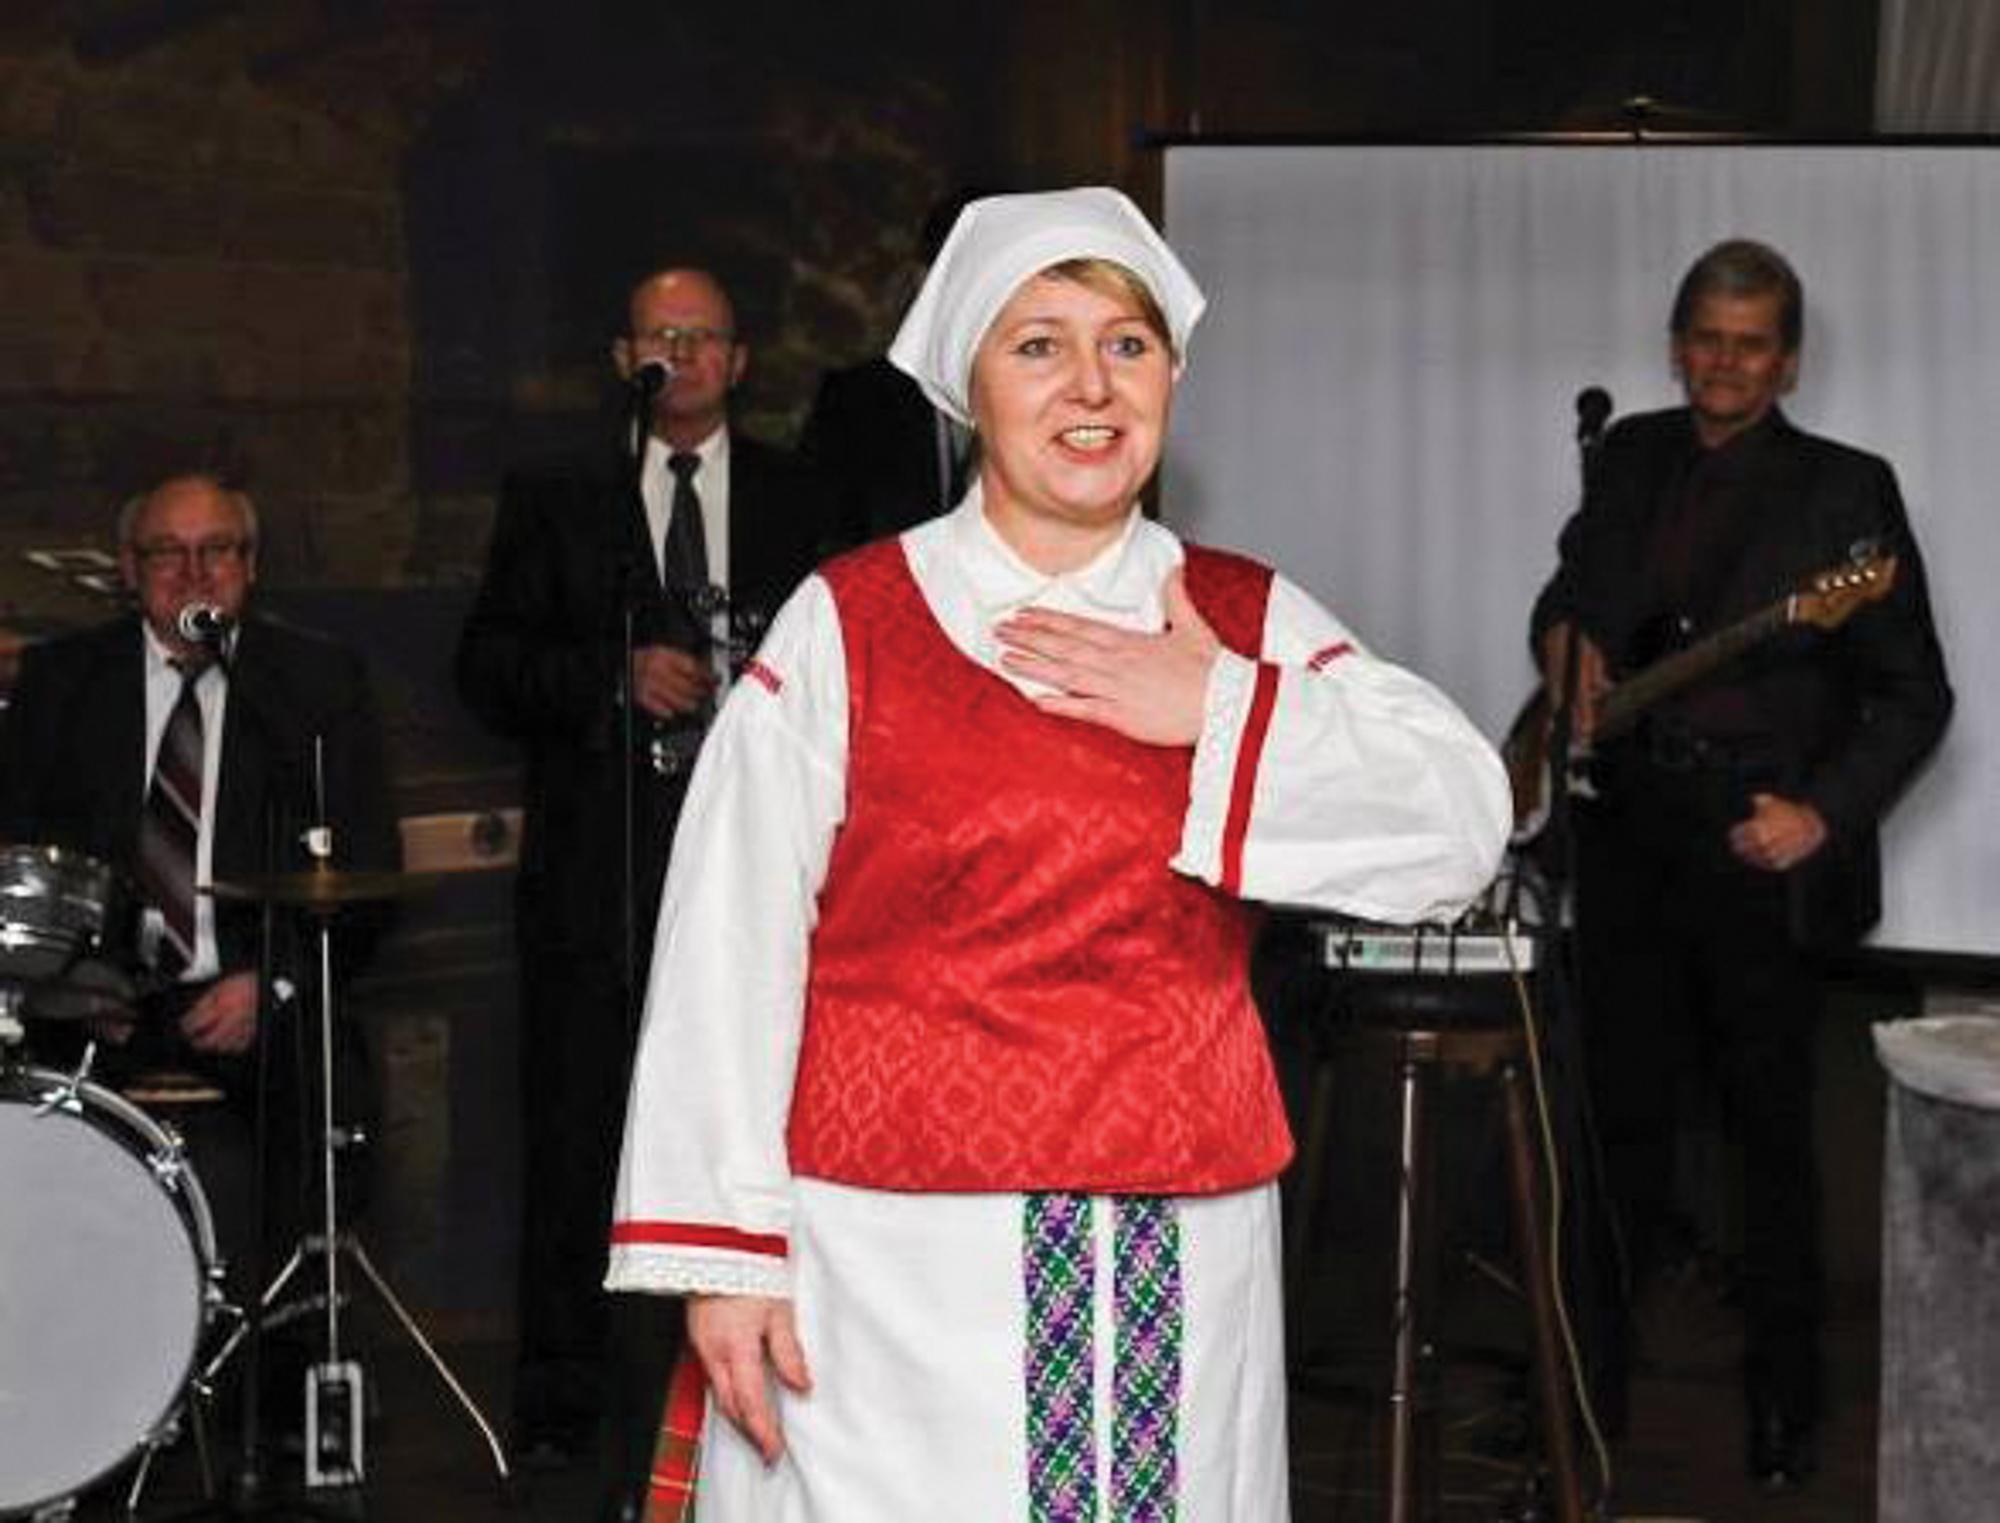 Krakių Mikalojaus Katkaus gimnazijos etikos mokytoja, renginių organizatorė Aušrelė Sereikienė. Asmeninio archyvo nuotr.